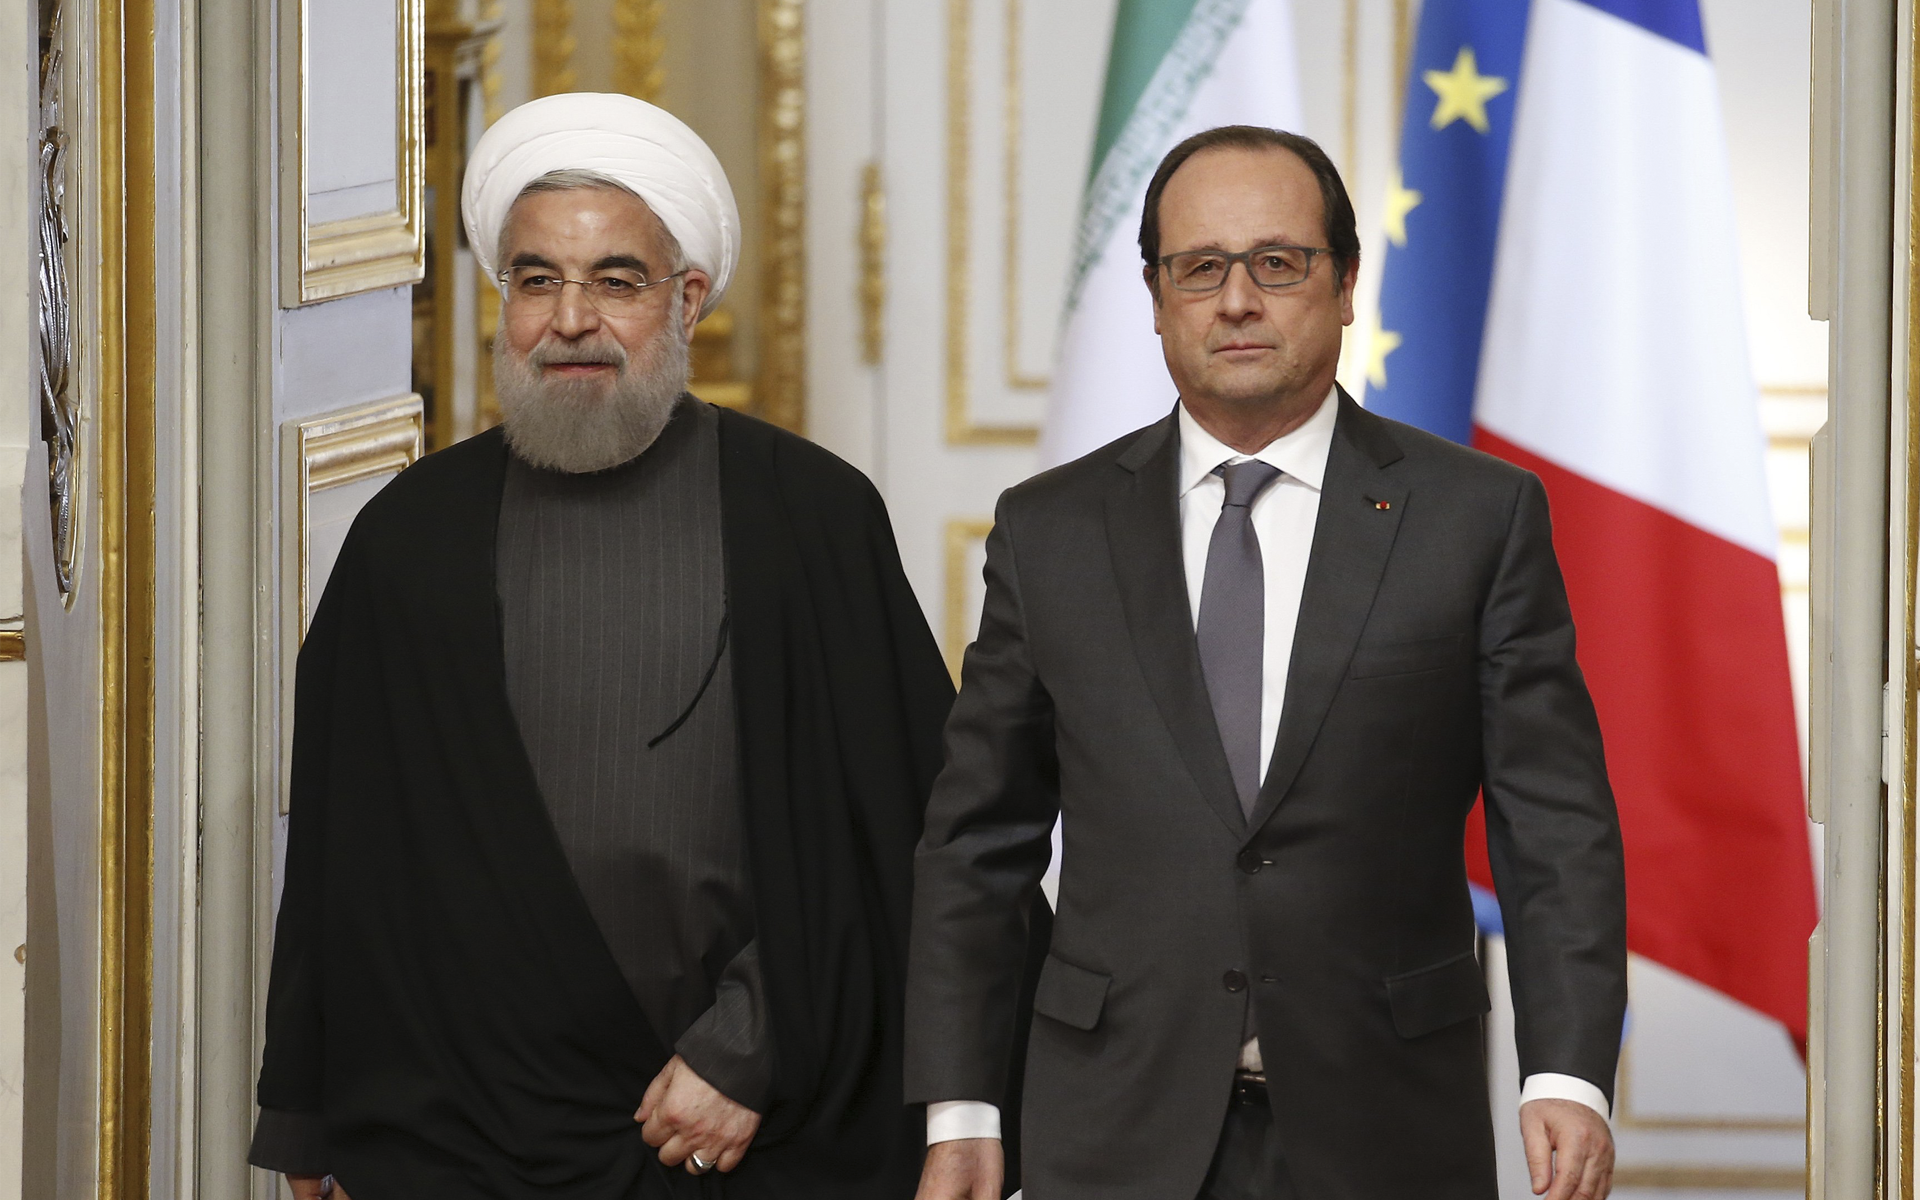 Иран после санкций: возможные перспективы и угрозы